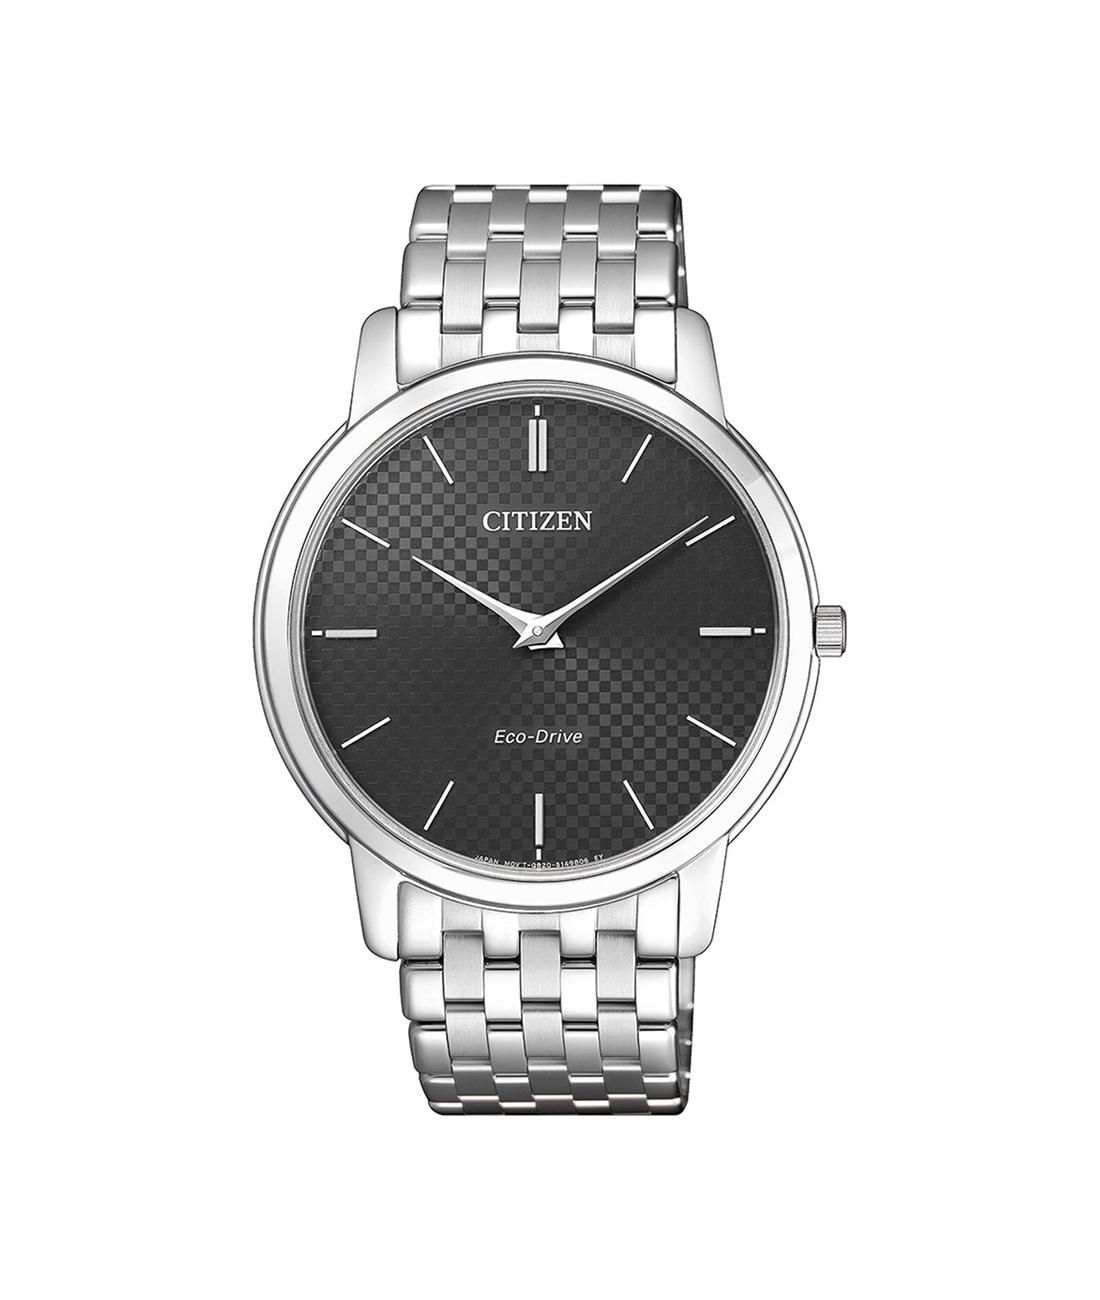 Zegarek Citizen Eco-Drive AR1130-81H w atrakcyjnej cenie ... 2734655821